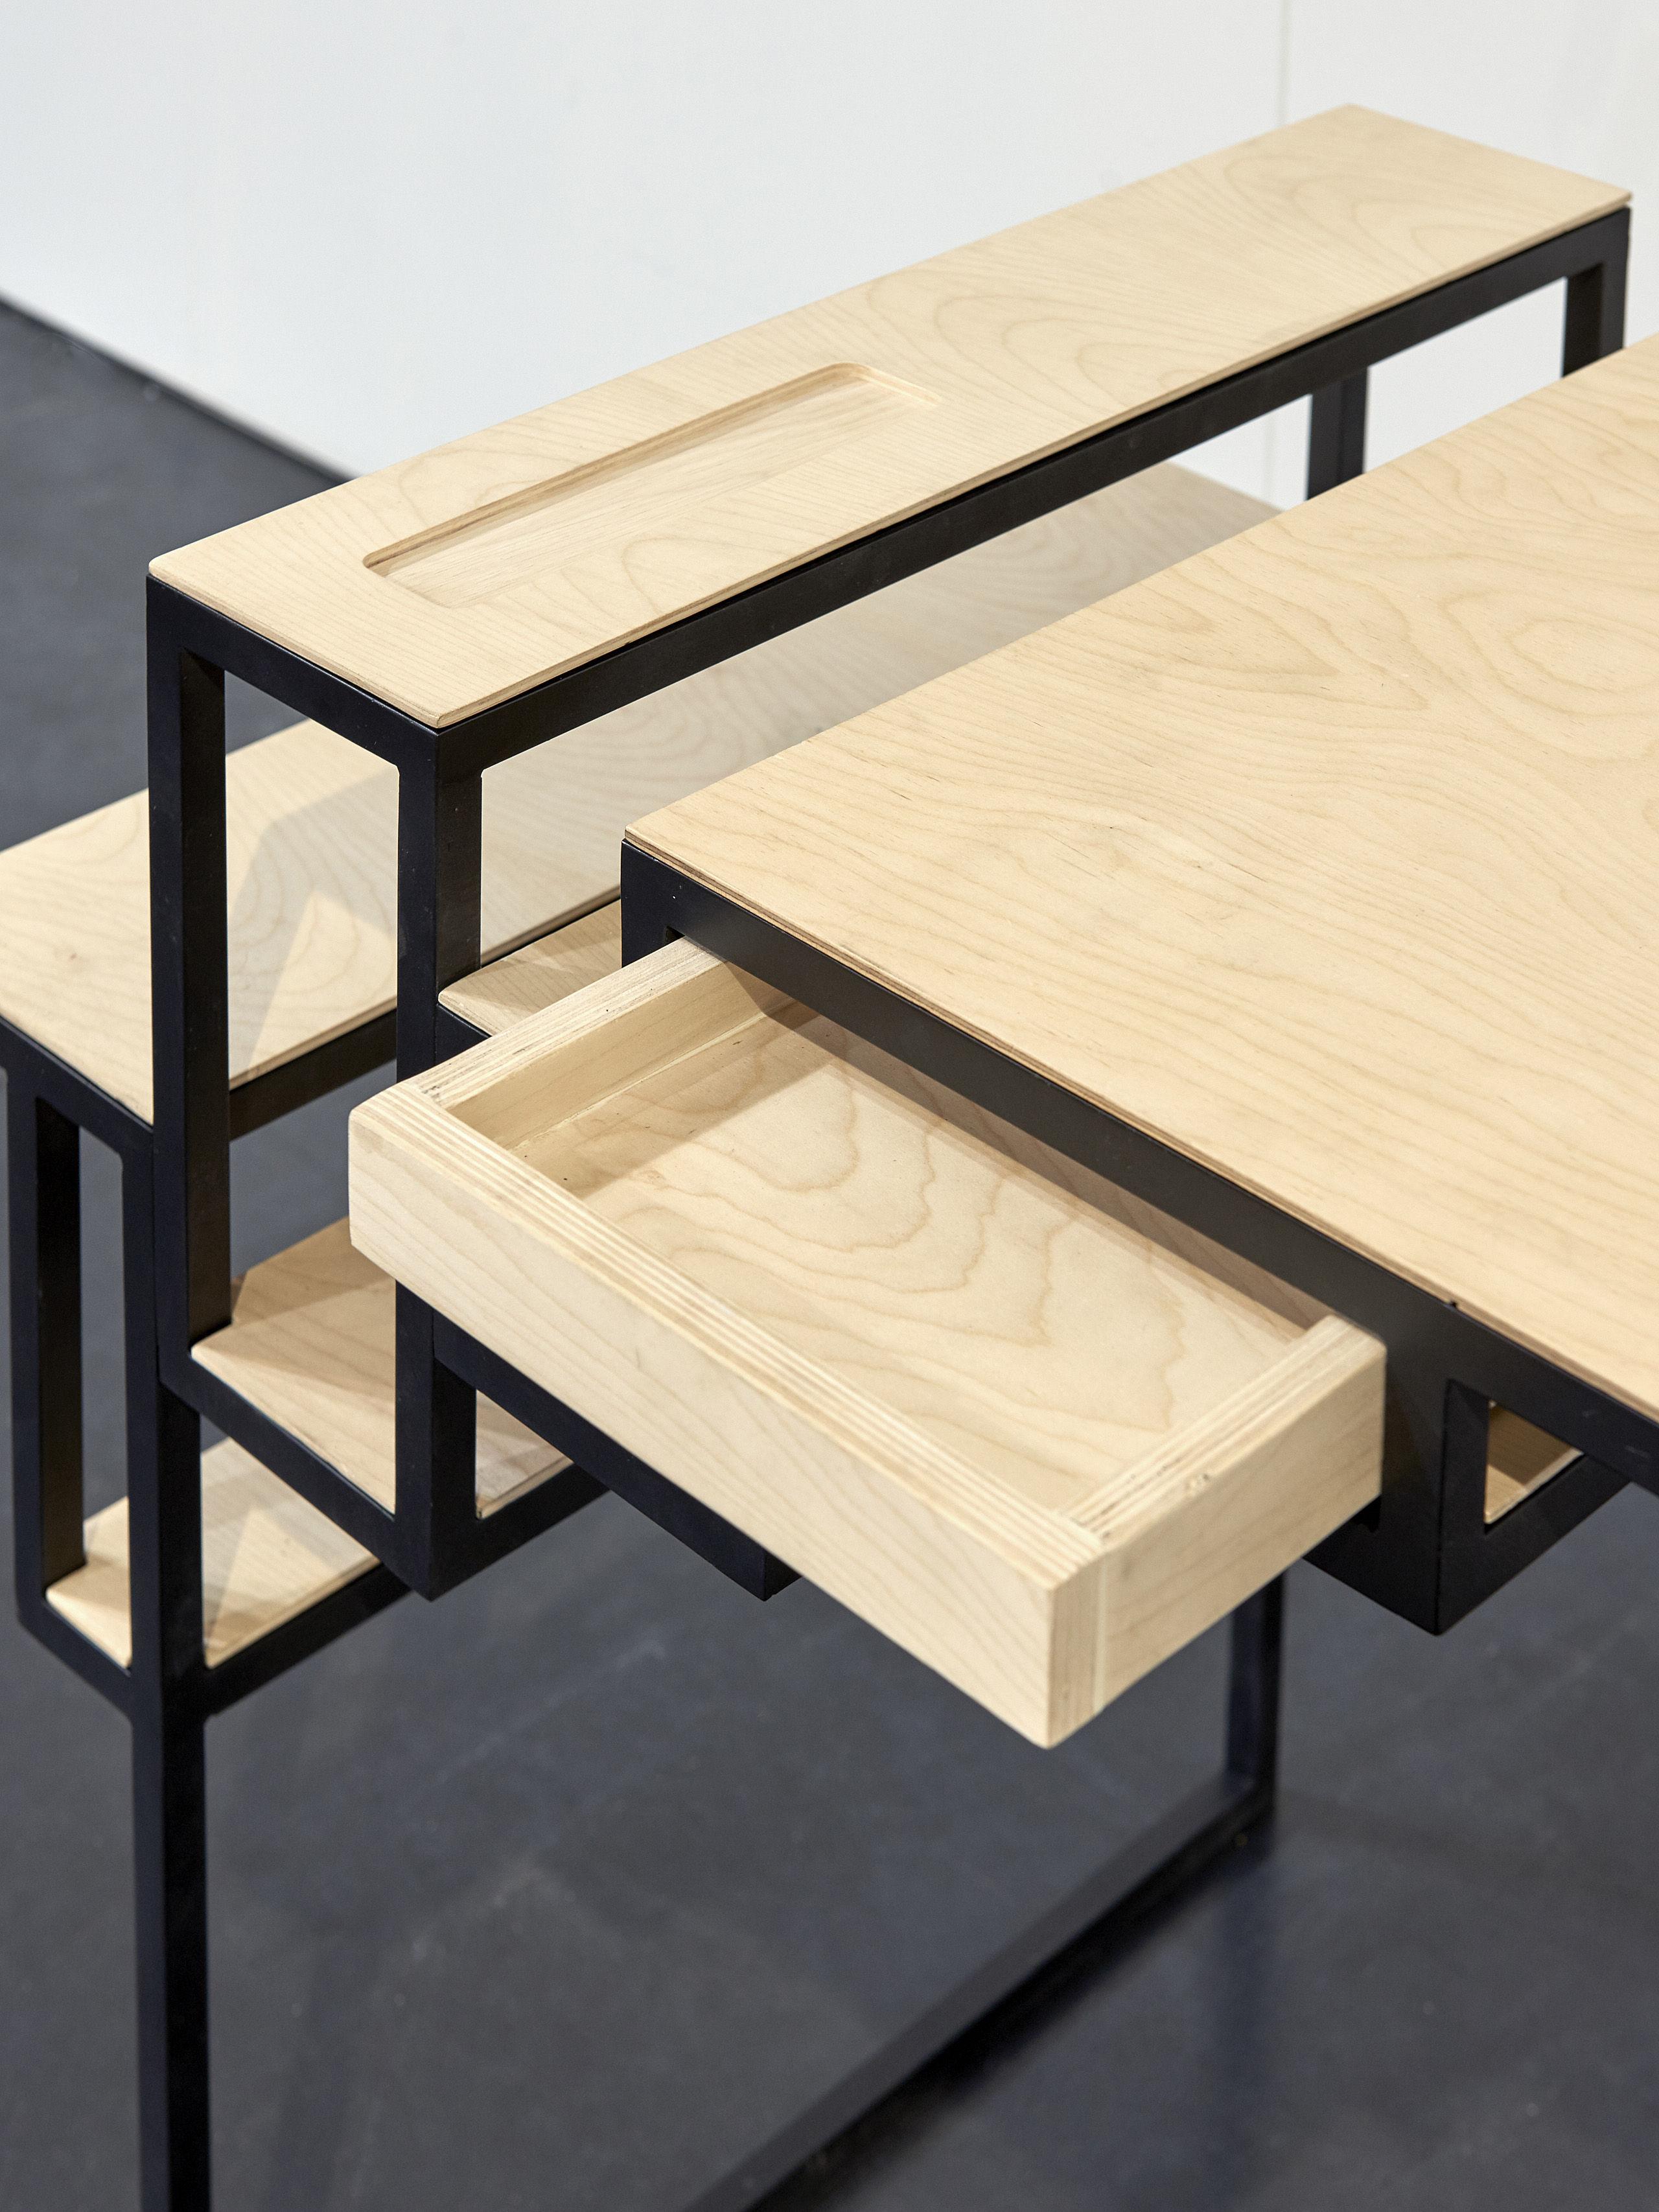 bureau jointed l 90 cm noir bois serax made in design. Black Bedroom Furniture Sets. Home Design Ideas